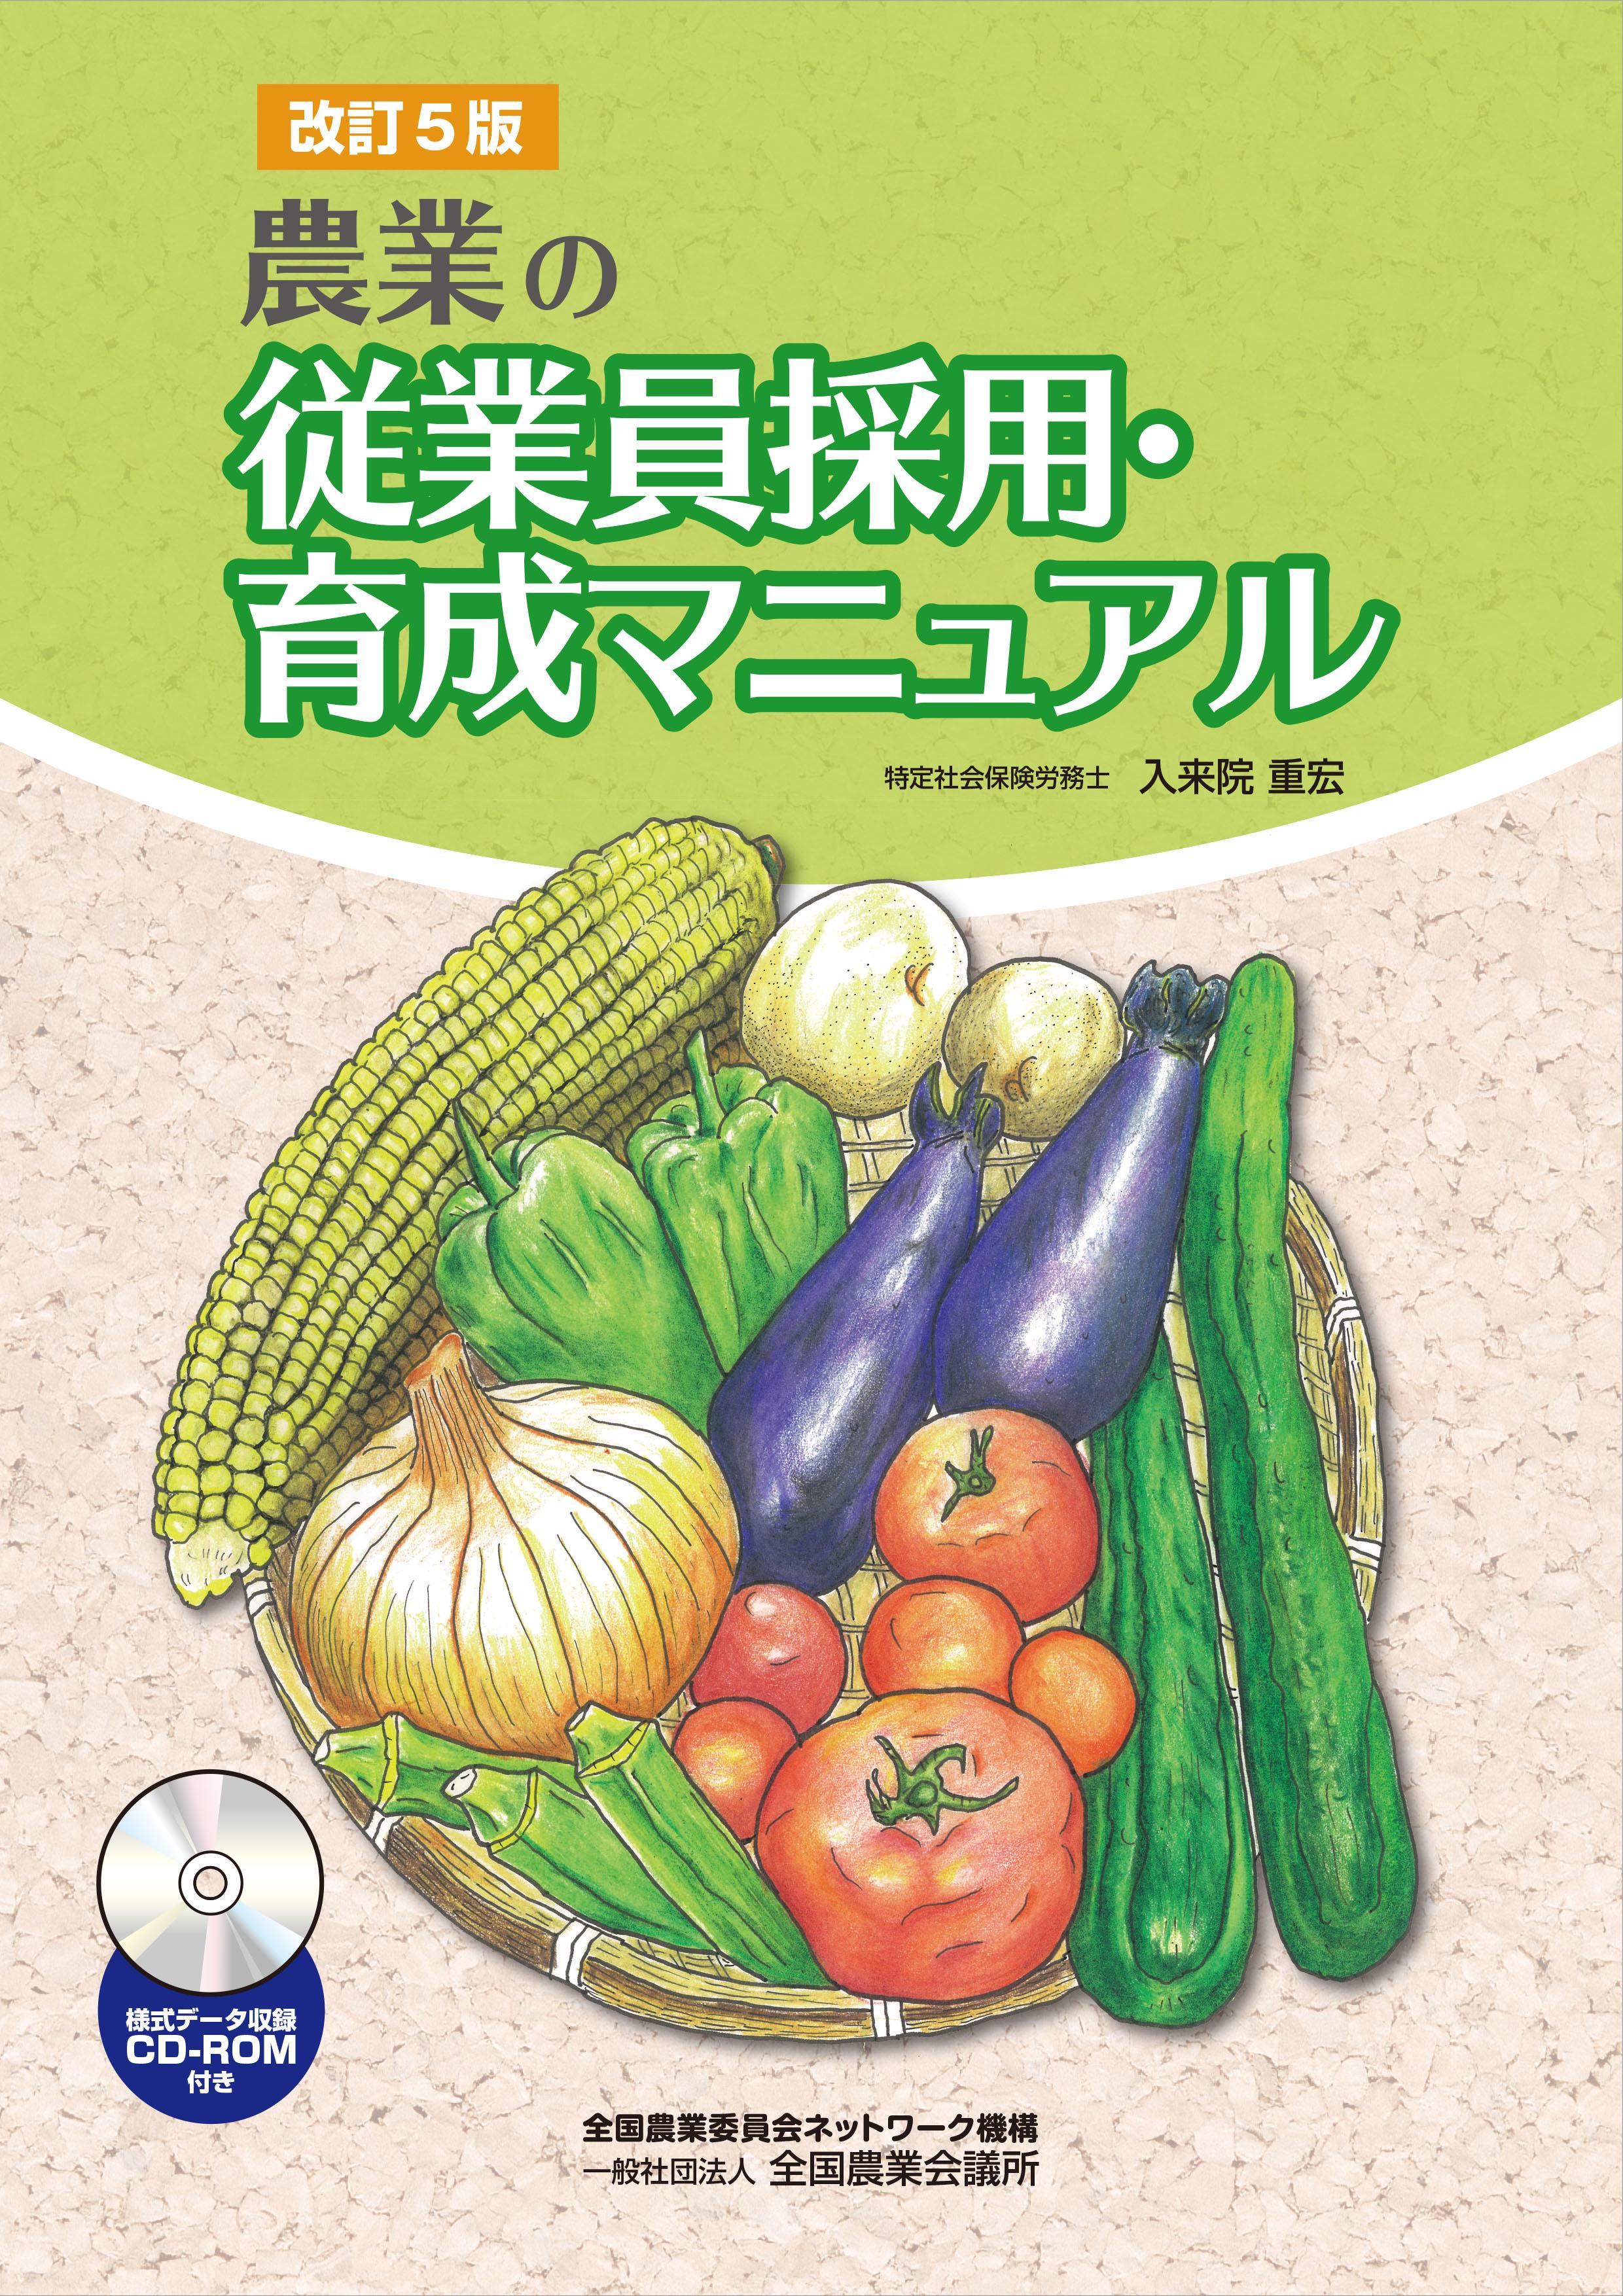 31-34育成マニュアル表紙.jpg